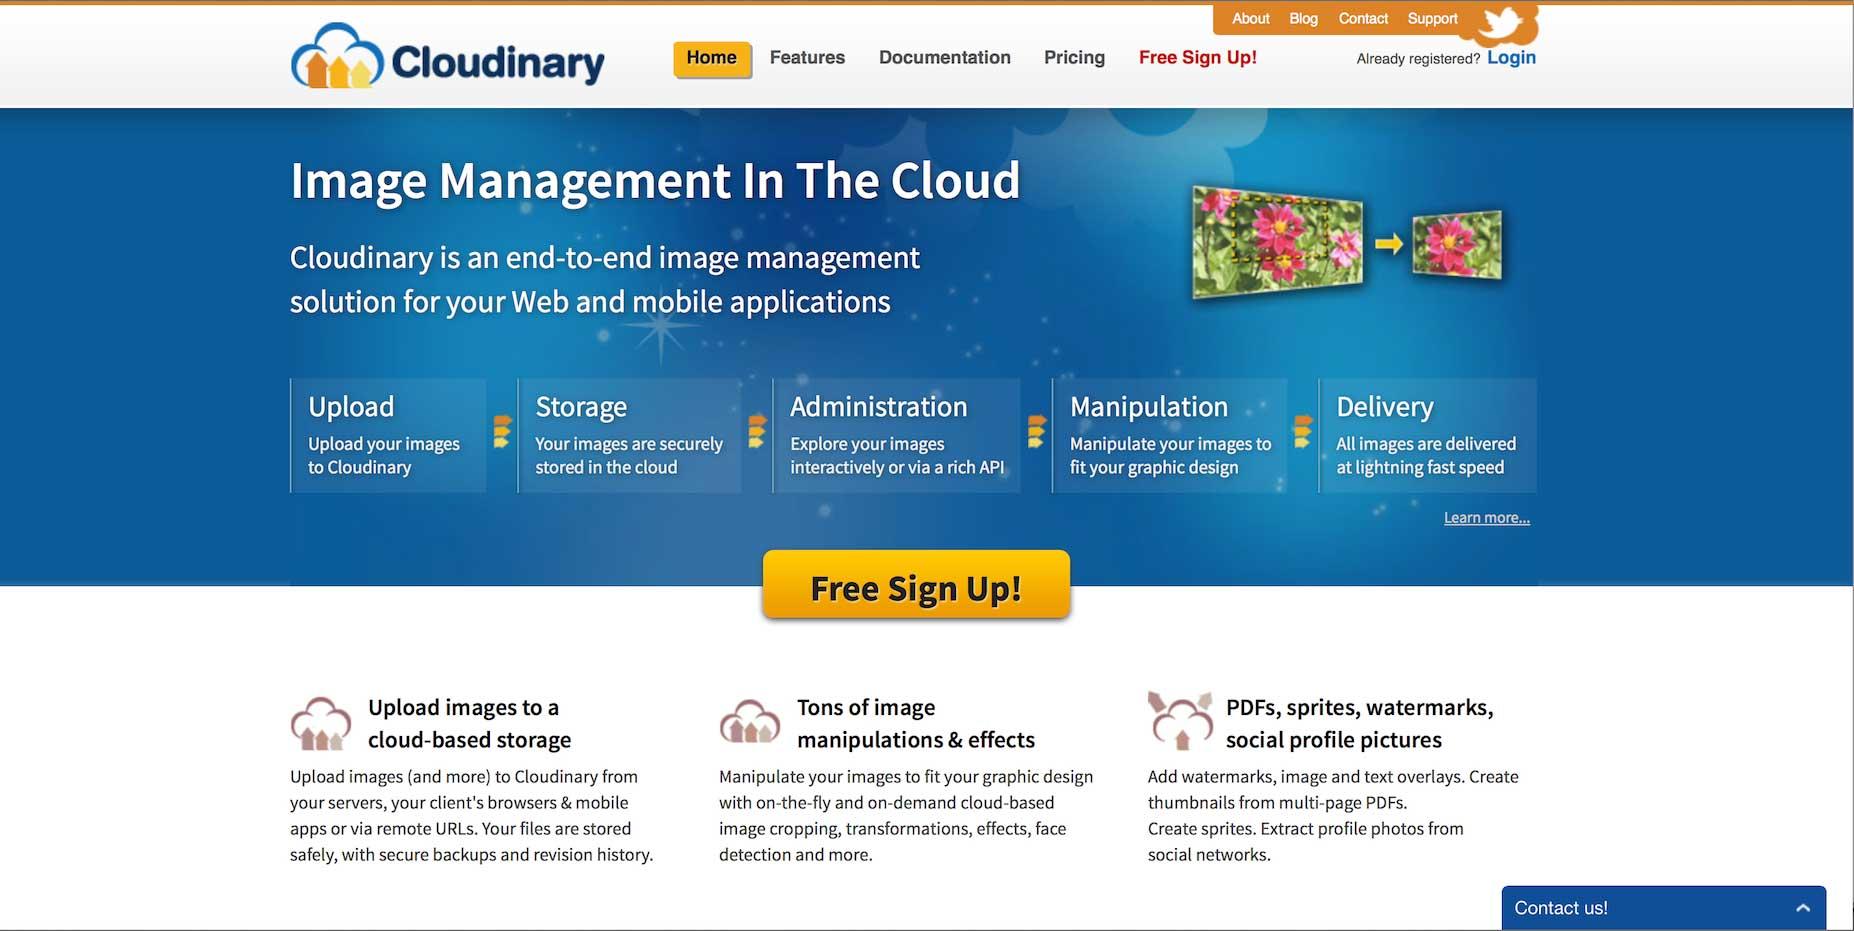 Cloudinary.com